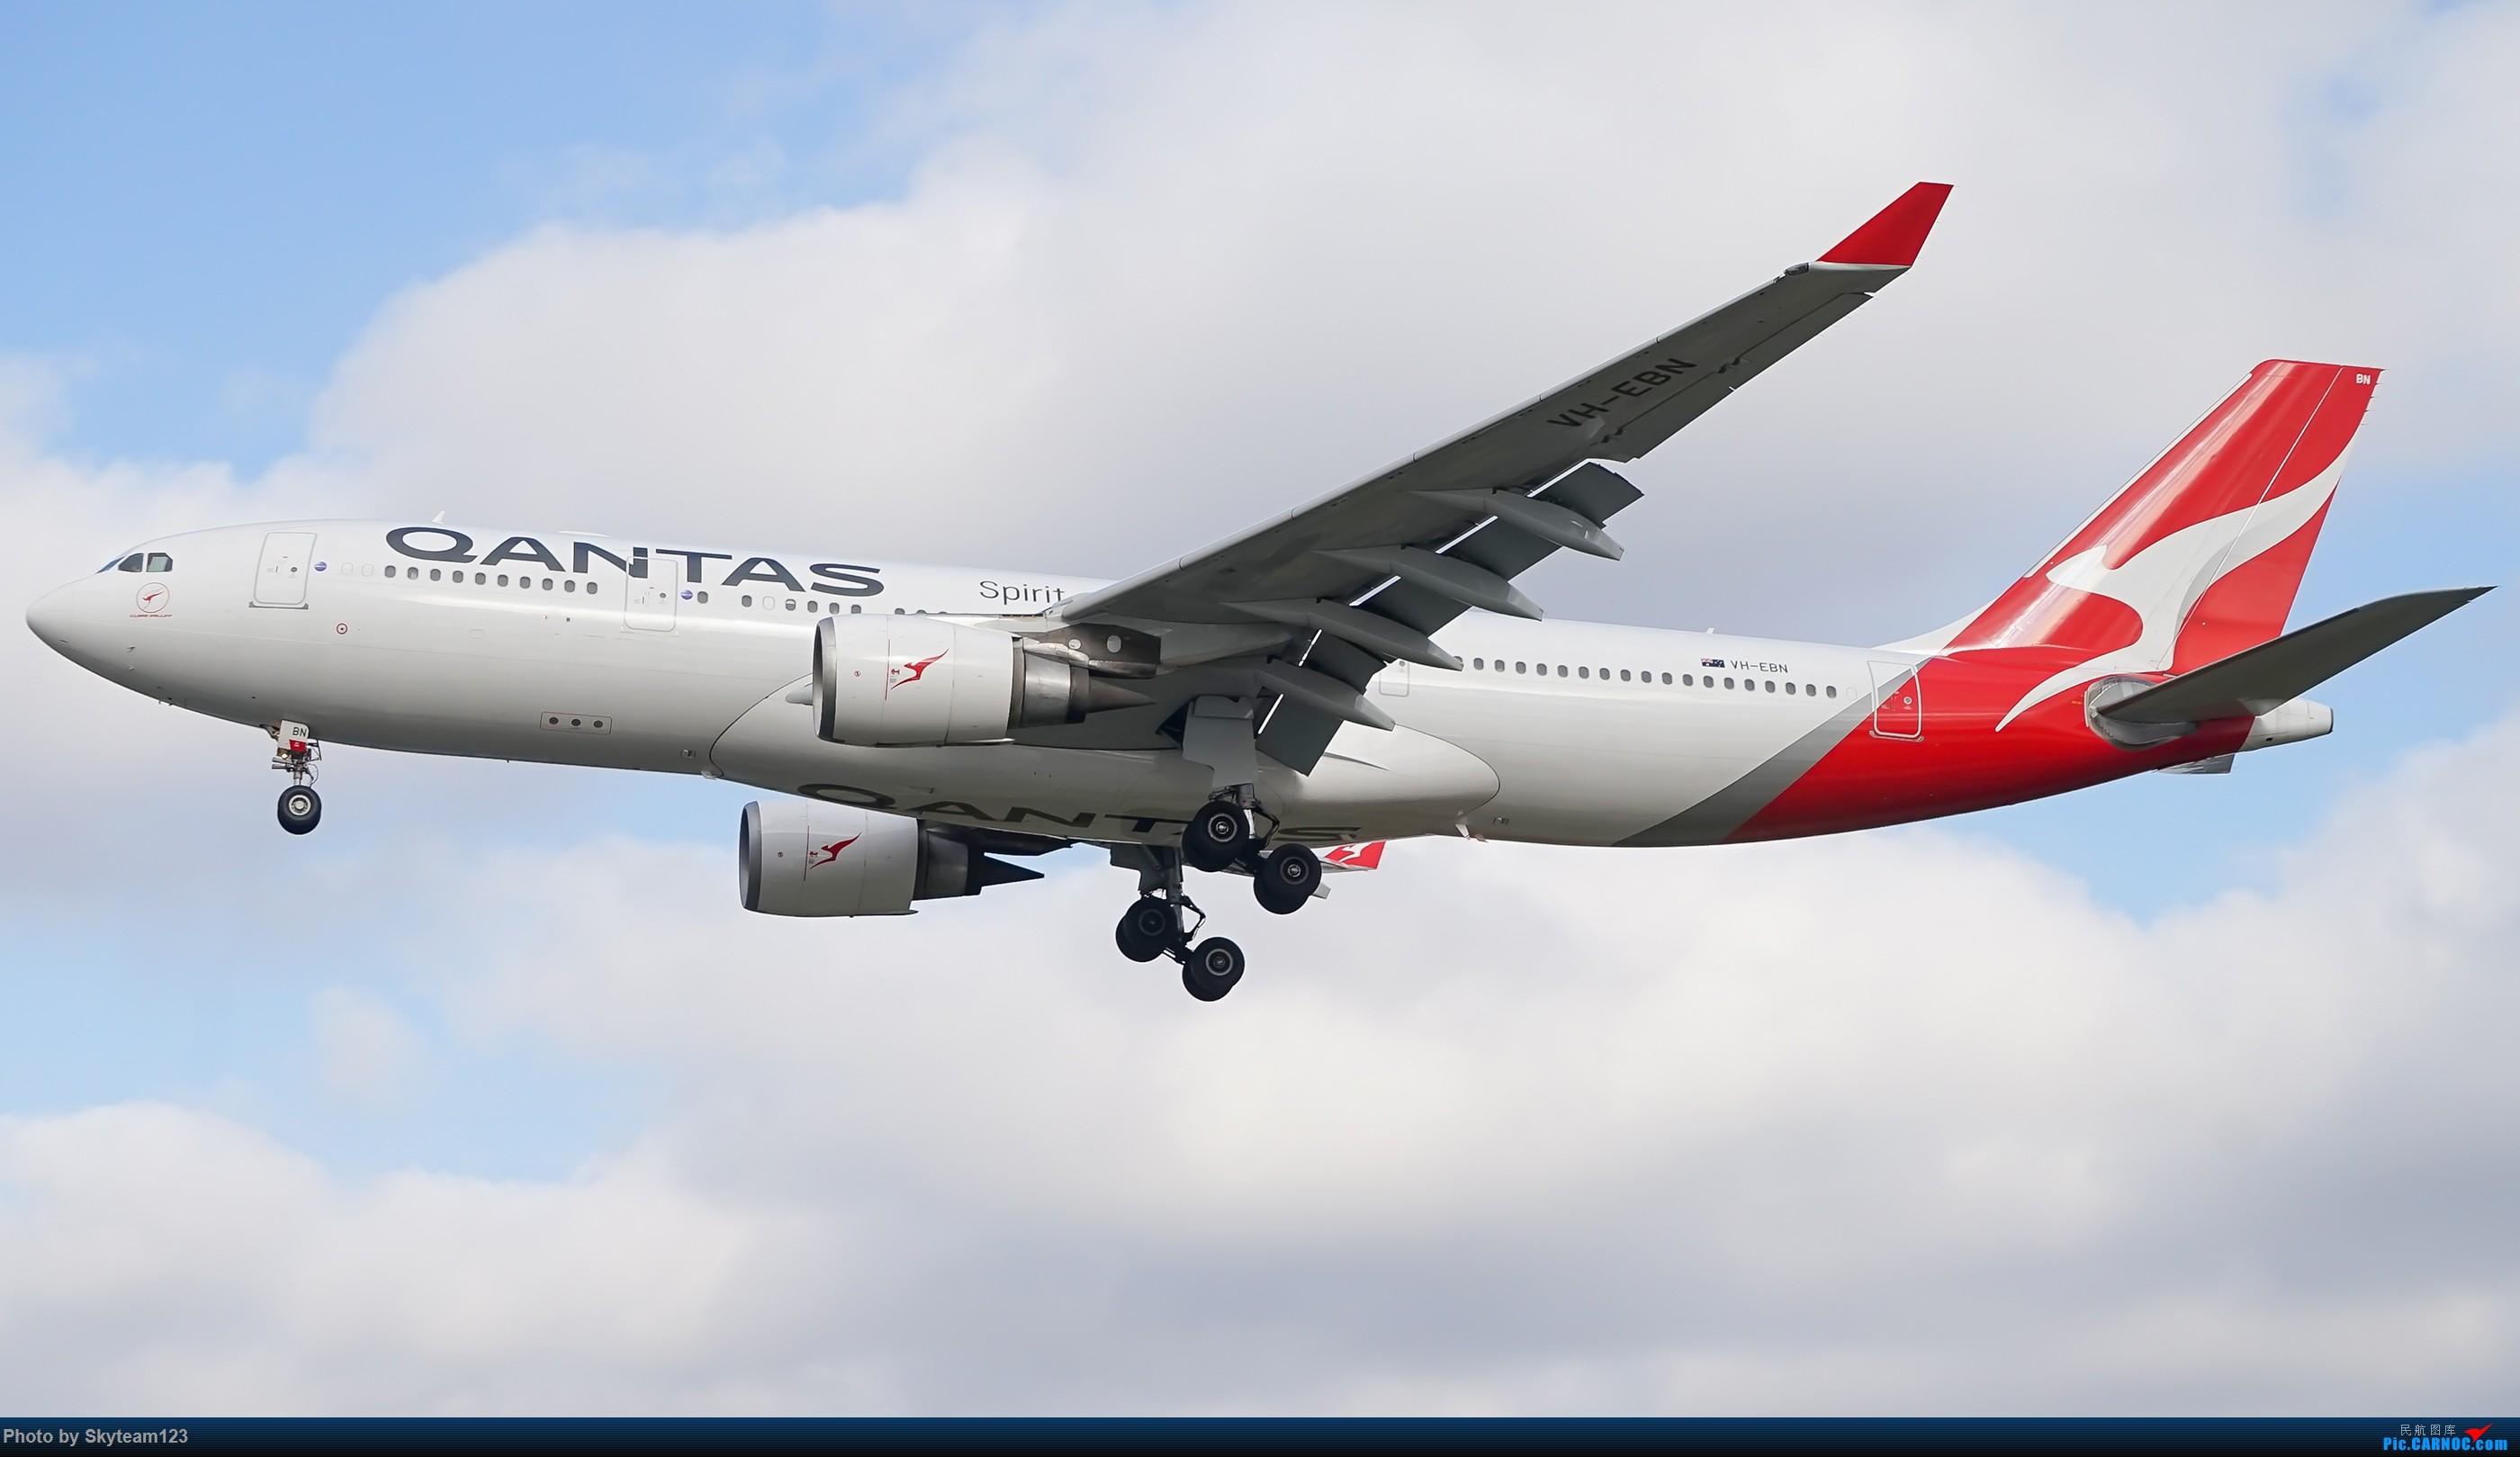 [原创][SYD] 假期拍机小结 解锁16R跑道头拍机位 & 停车楼拍机作业 【全宽体】 AIRBUS A330-200 VH-EBN 澳大利亚悉尼金斯福德·史密斯机场